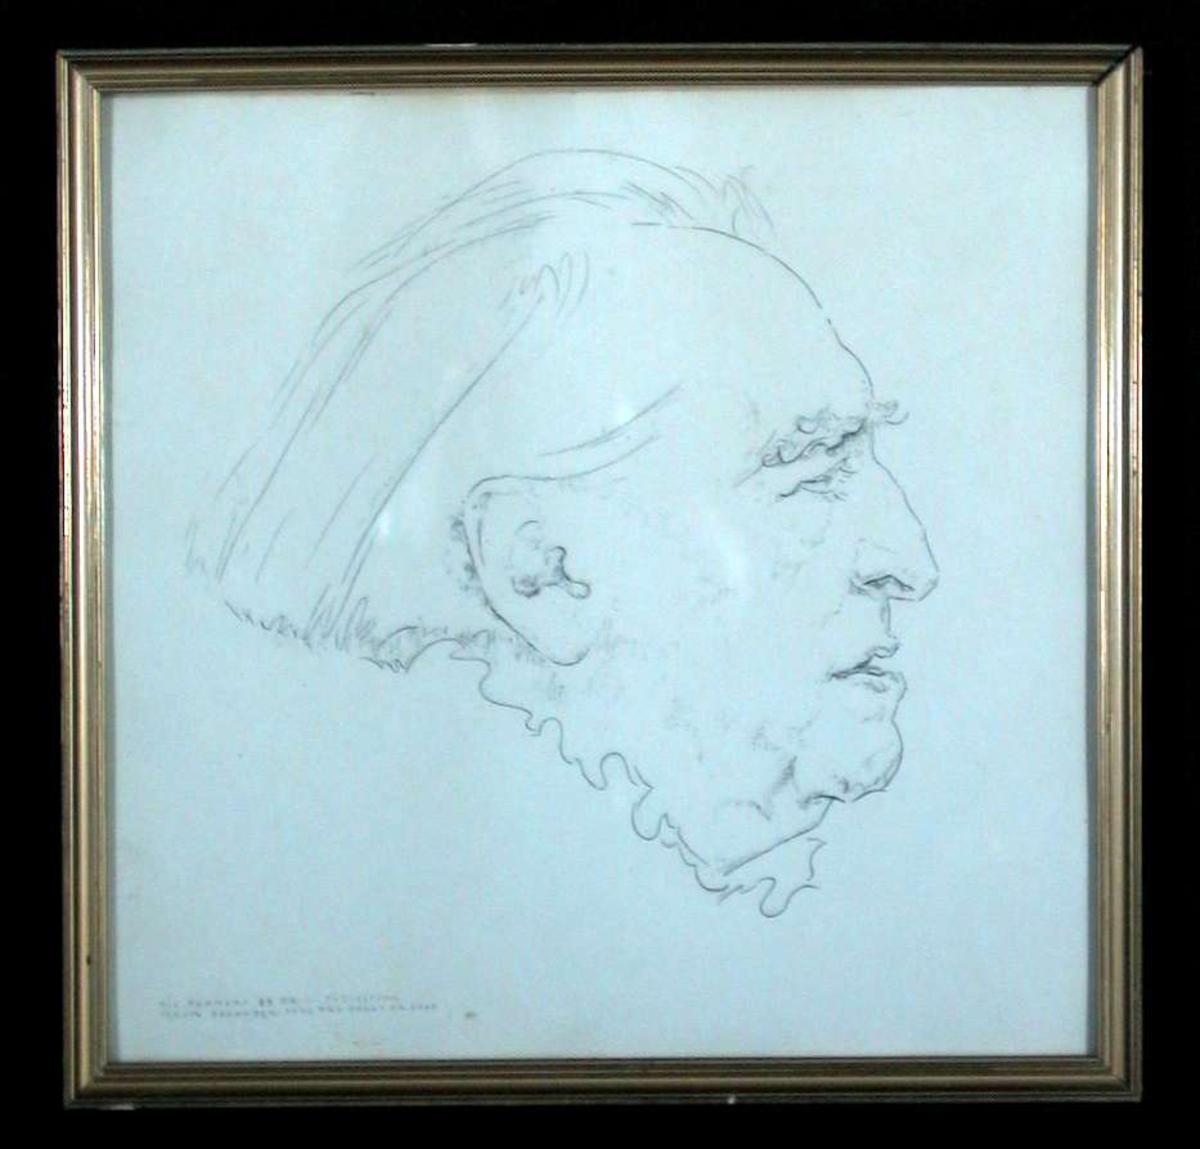 En eldre kvinne tegnet i profil.